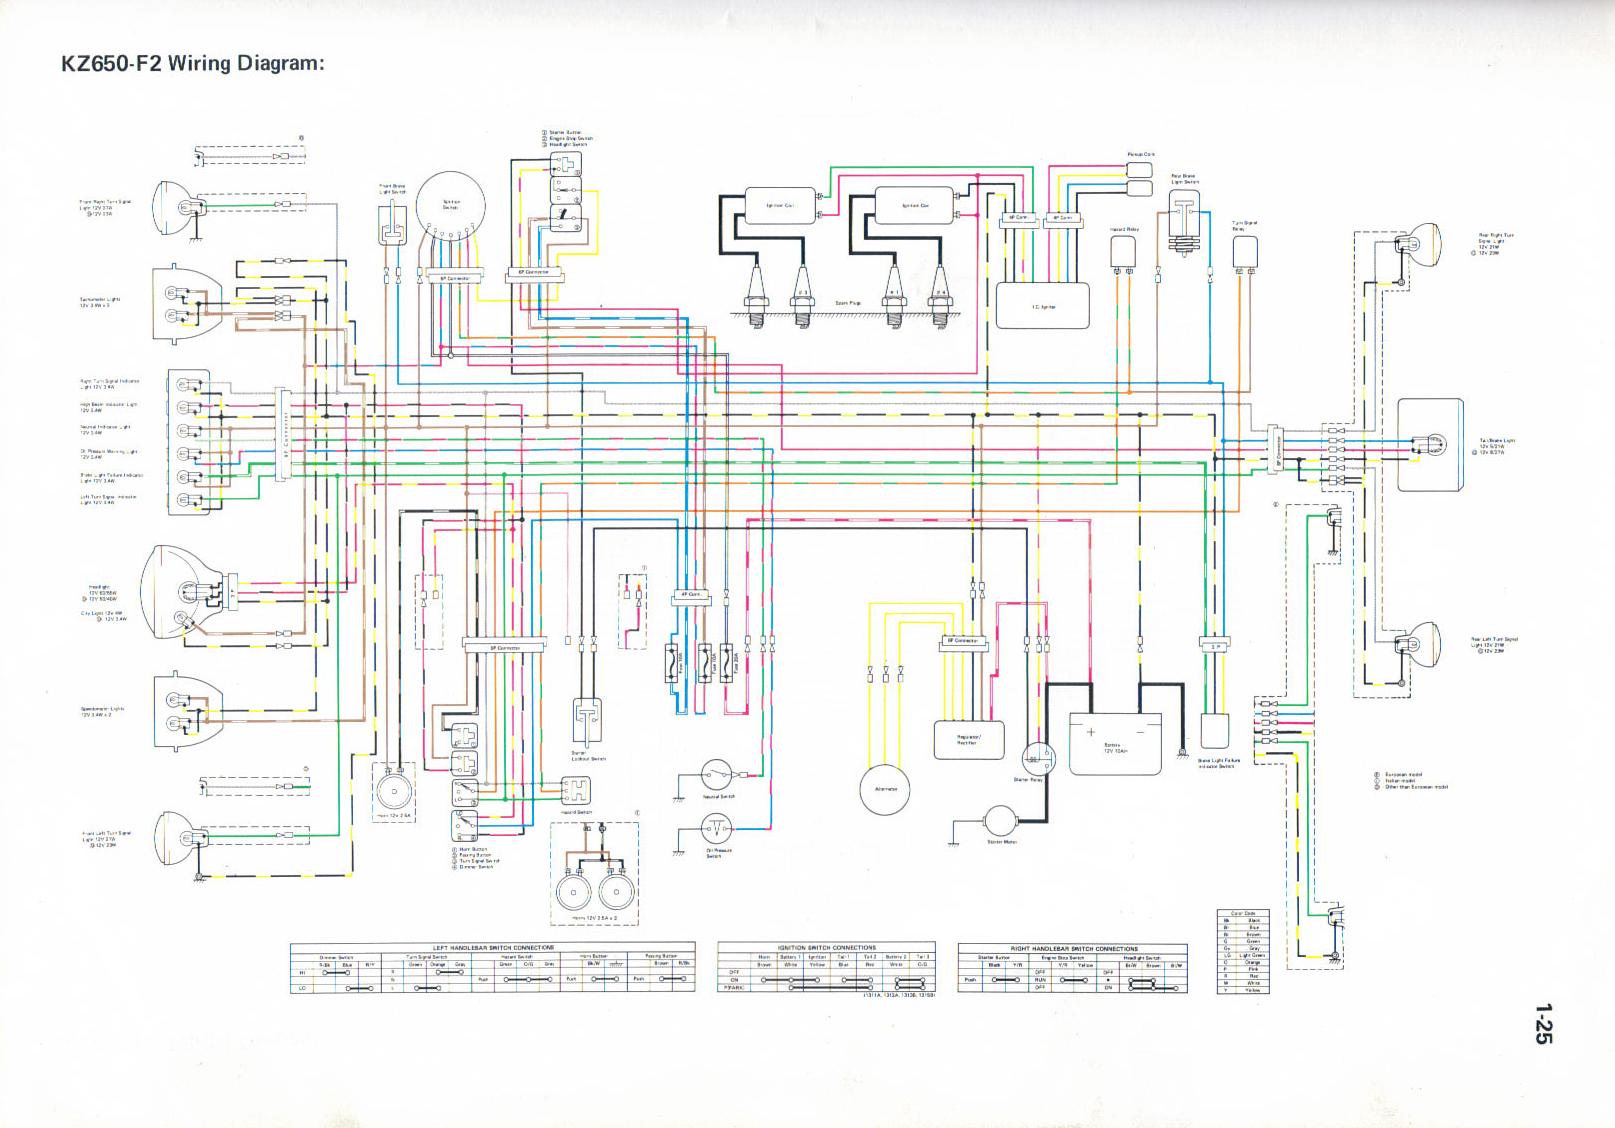 Diagram Wiring Kz650 E1 | Wiring Diagram on suzuki 250 wiring diagram, ducati 250 wiring diagram, honda 250 wiring diagram, chopper wiring diagram, ninja 250r wiring diagram, triumph thruxton wiring diagram, harley wiring diagram, ktm wiring diagram, triumph america wiring diagram, bmw wiring diagram, nissan leaf wiring diagram, motorcycle wiring diagram, scooter 250 wiring diagram, yamaha wiring diagram, polaris sportsman 250 wiring diagram, ninja motorcycle diagram, ducati 1098 wiring diagram, aprilia wiring diagram, benelli 250 wiring diagram, starter solenoid wiring diagram,